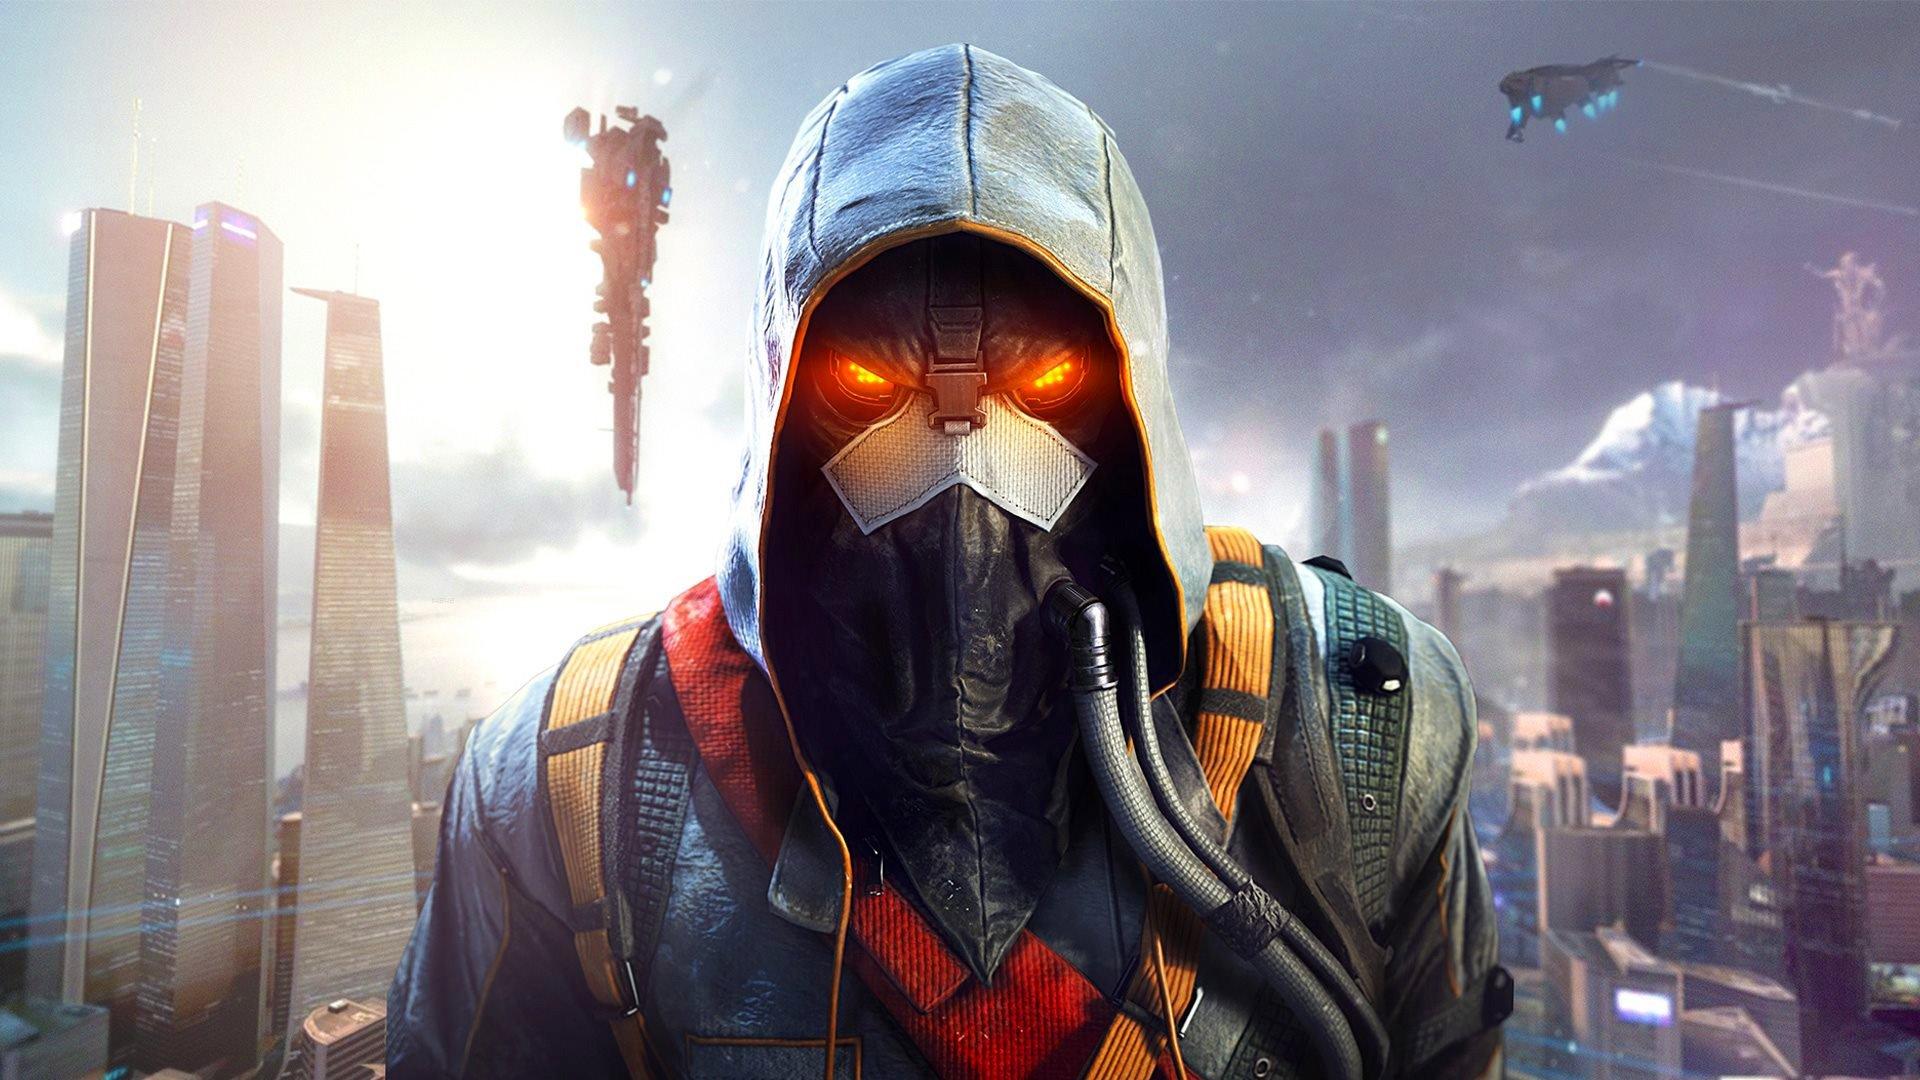 картинки с аватарками из игр знать